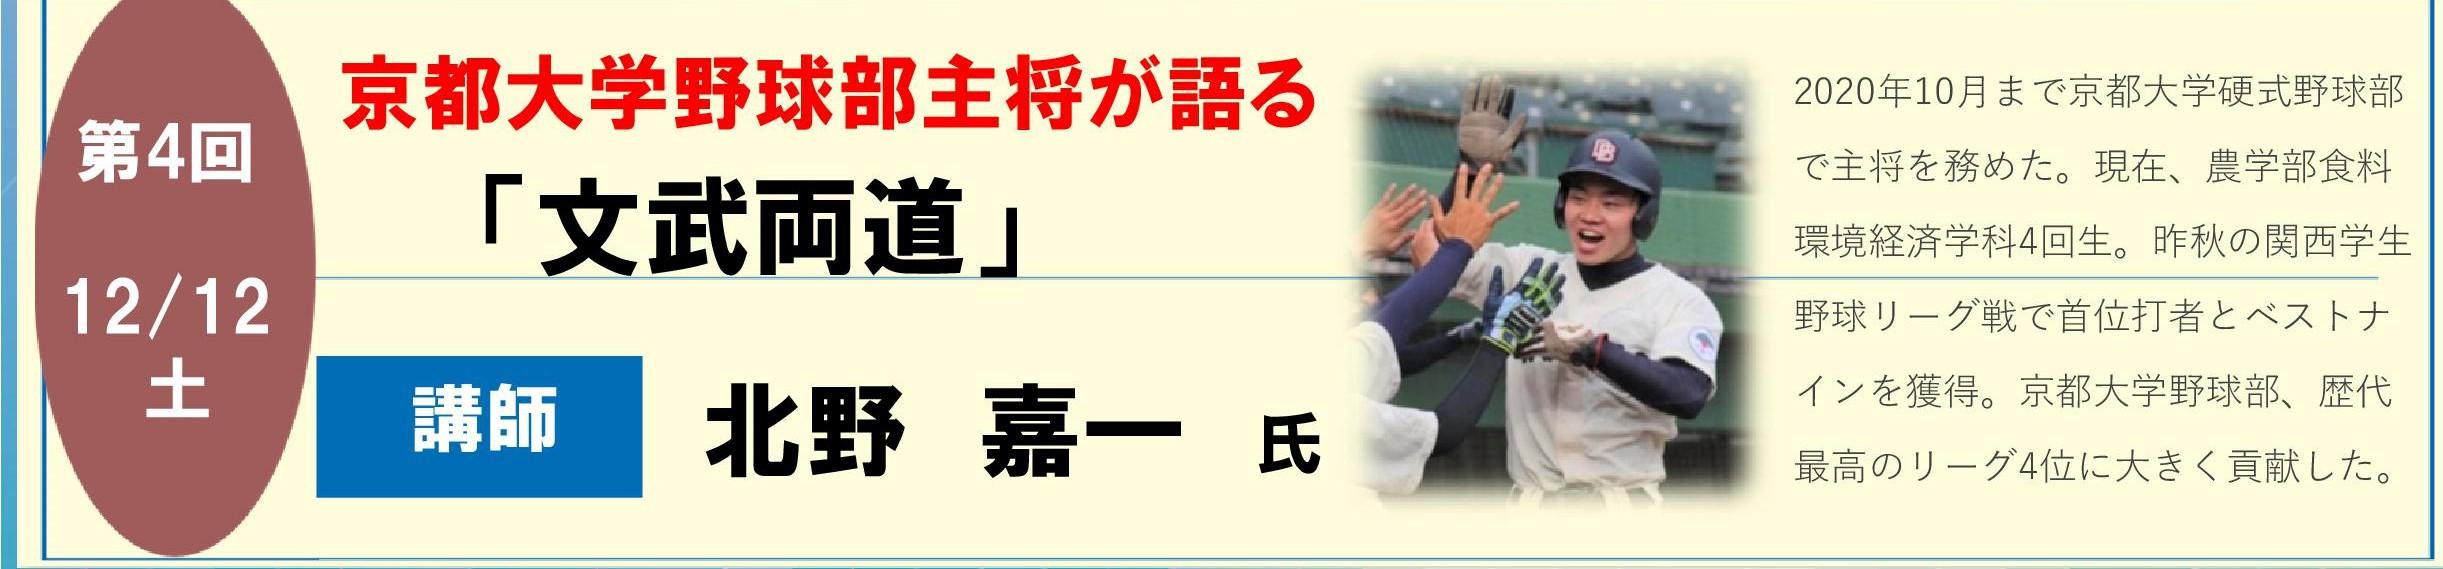 【野球中学部】第4回アカスポスポ育セミナー